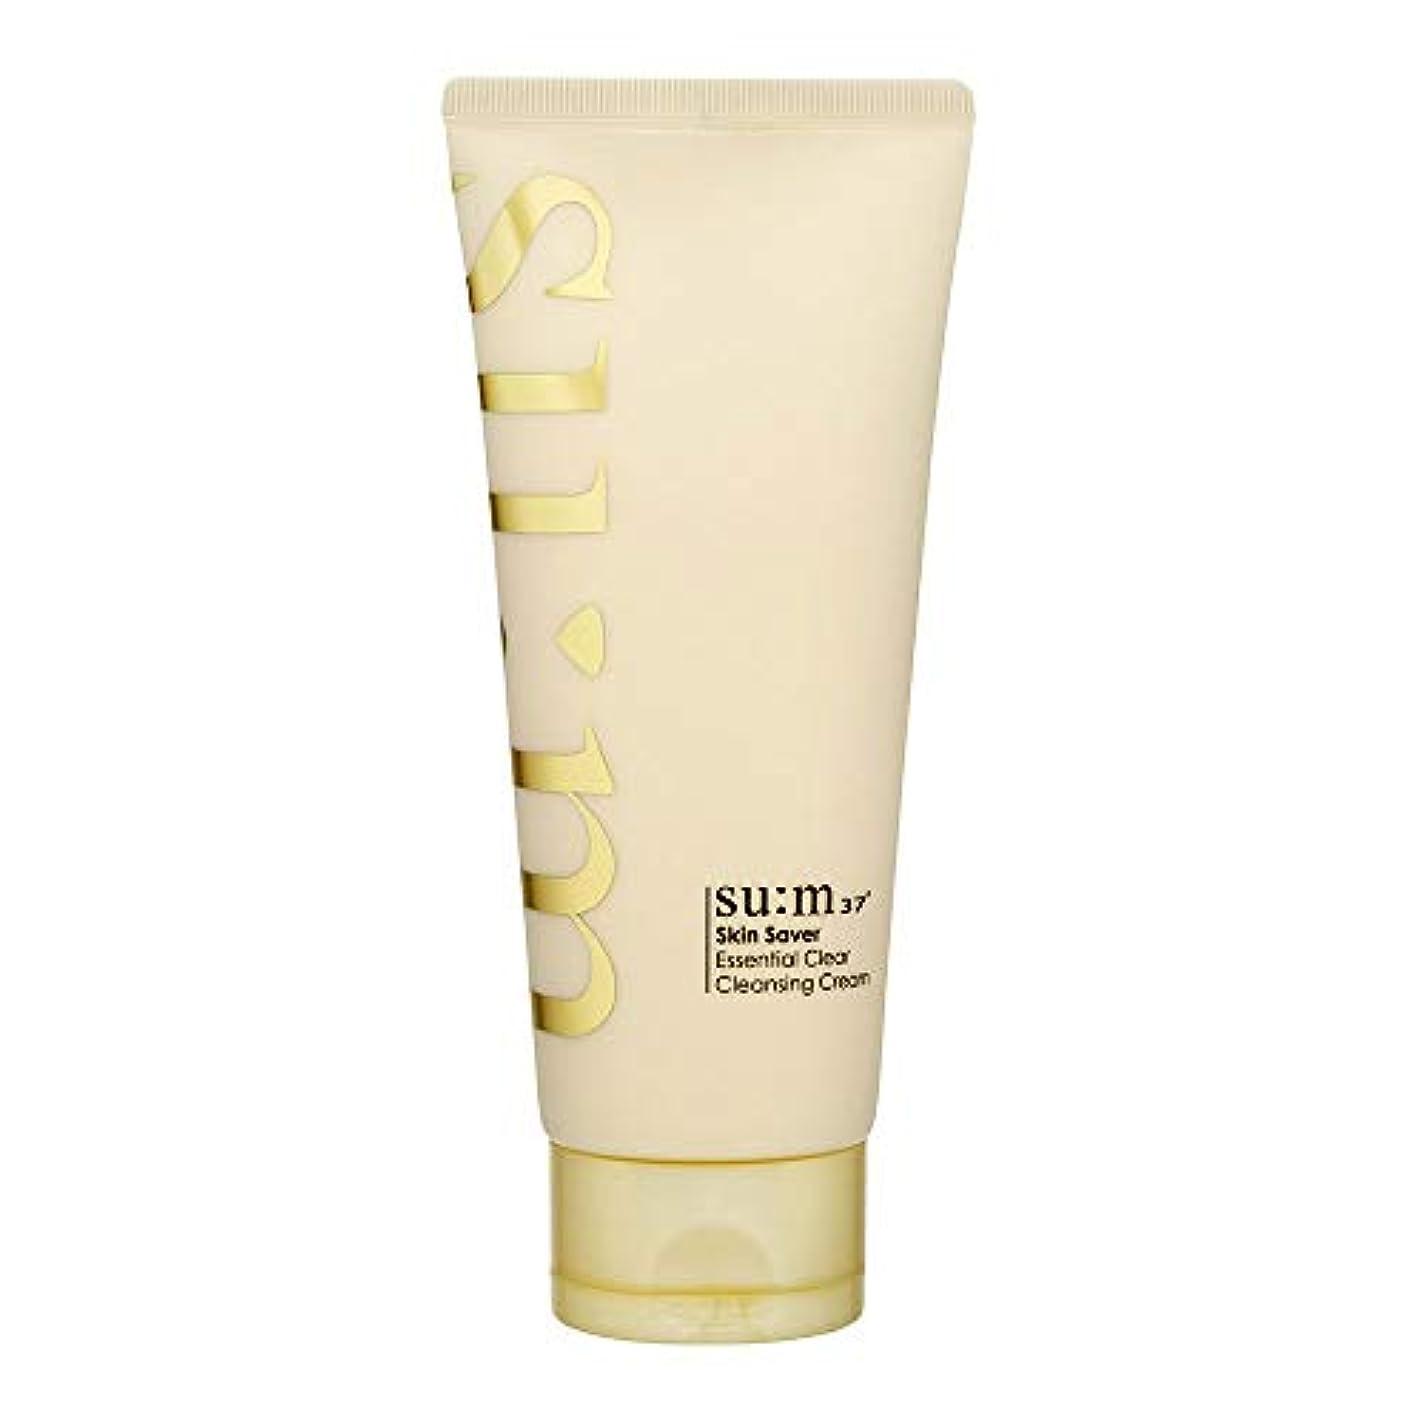 理解するロビーウェイトレス[スム37°] Sum37° スキンセイバー エッセンシャルクリアクレンジングクリーム  Skin saver Essential Clear Cleansing Cream (海外直送品) [並行輸入品]